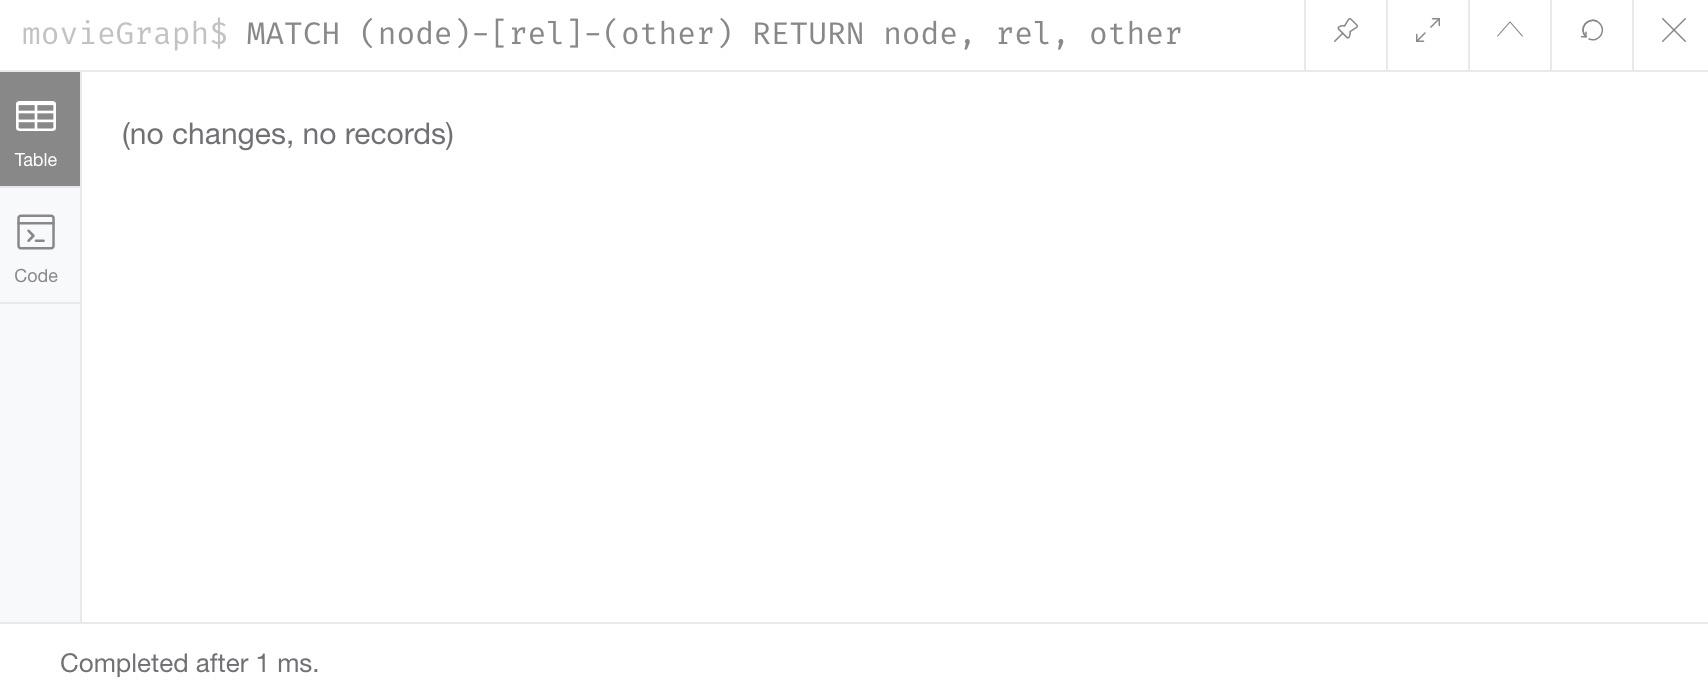 4dot0 schema test